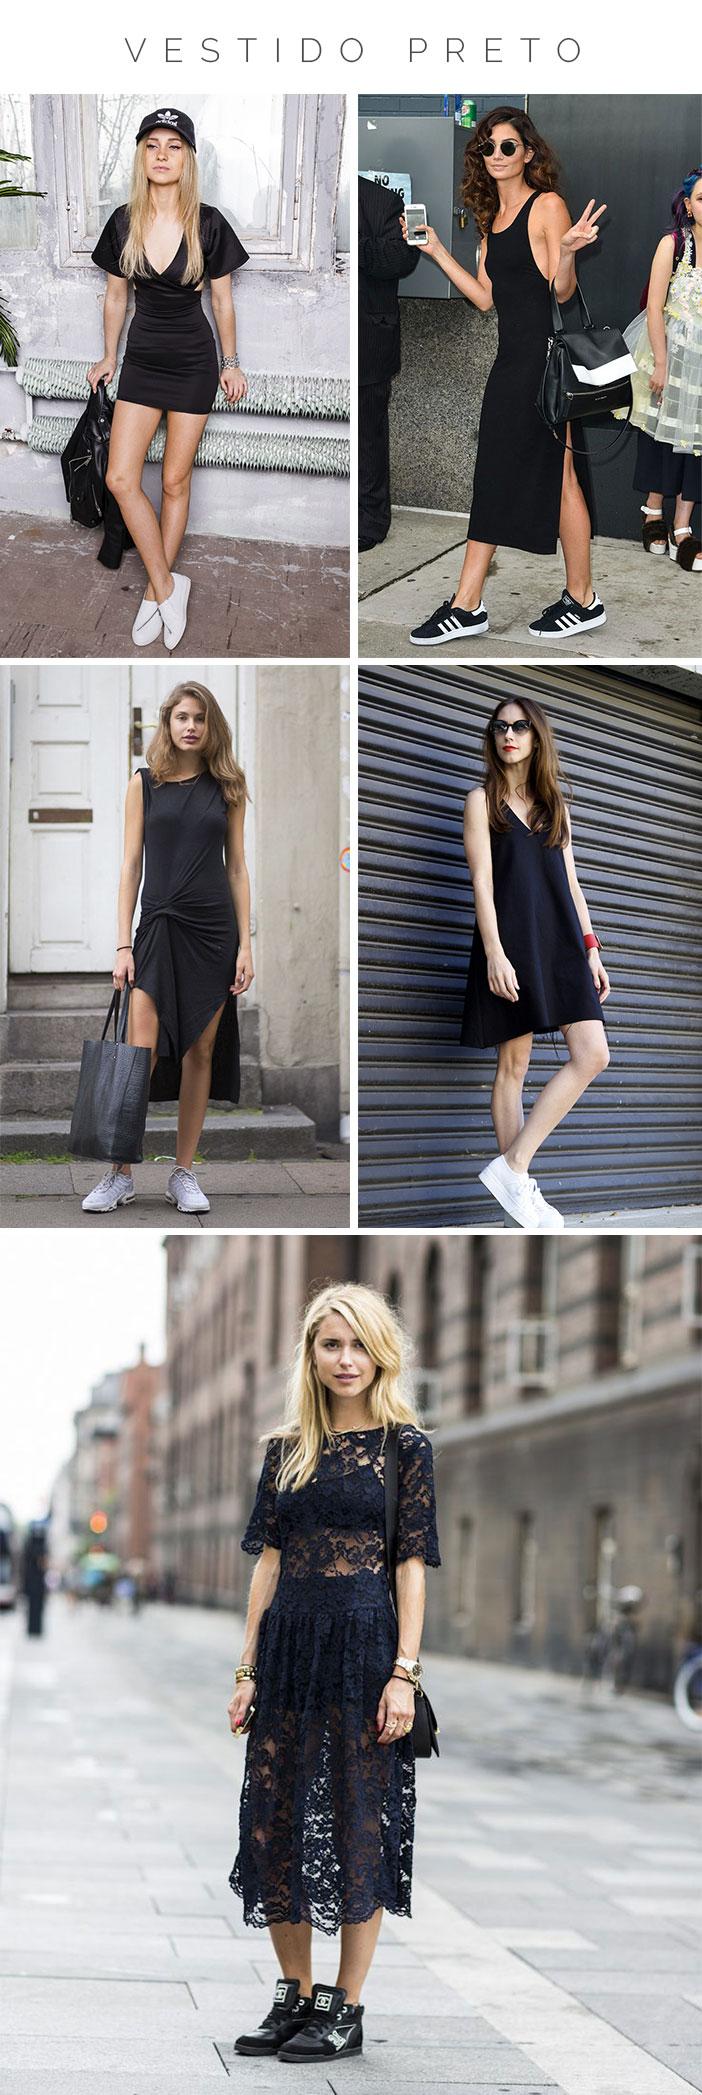 Como usar vestido com tênis - Tênis preto